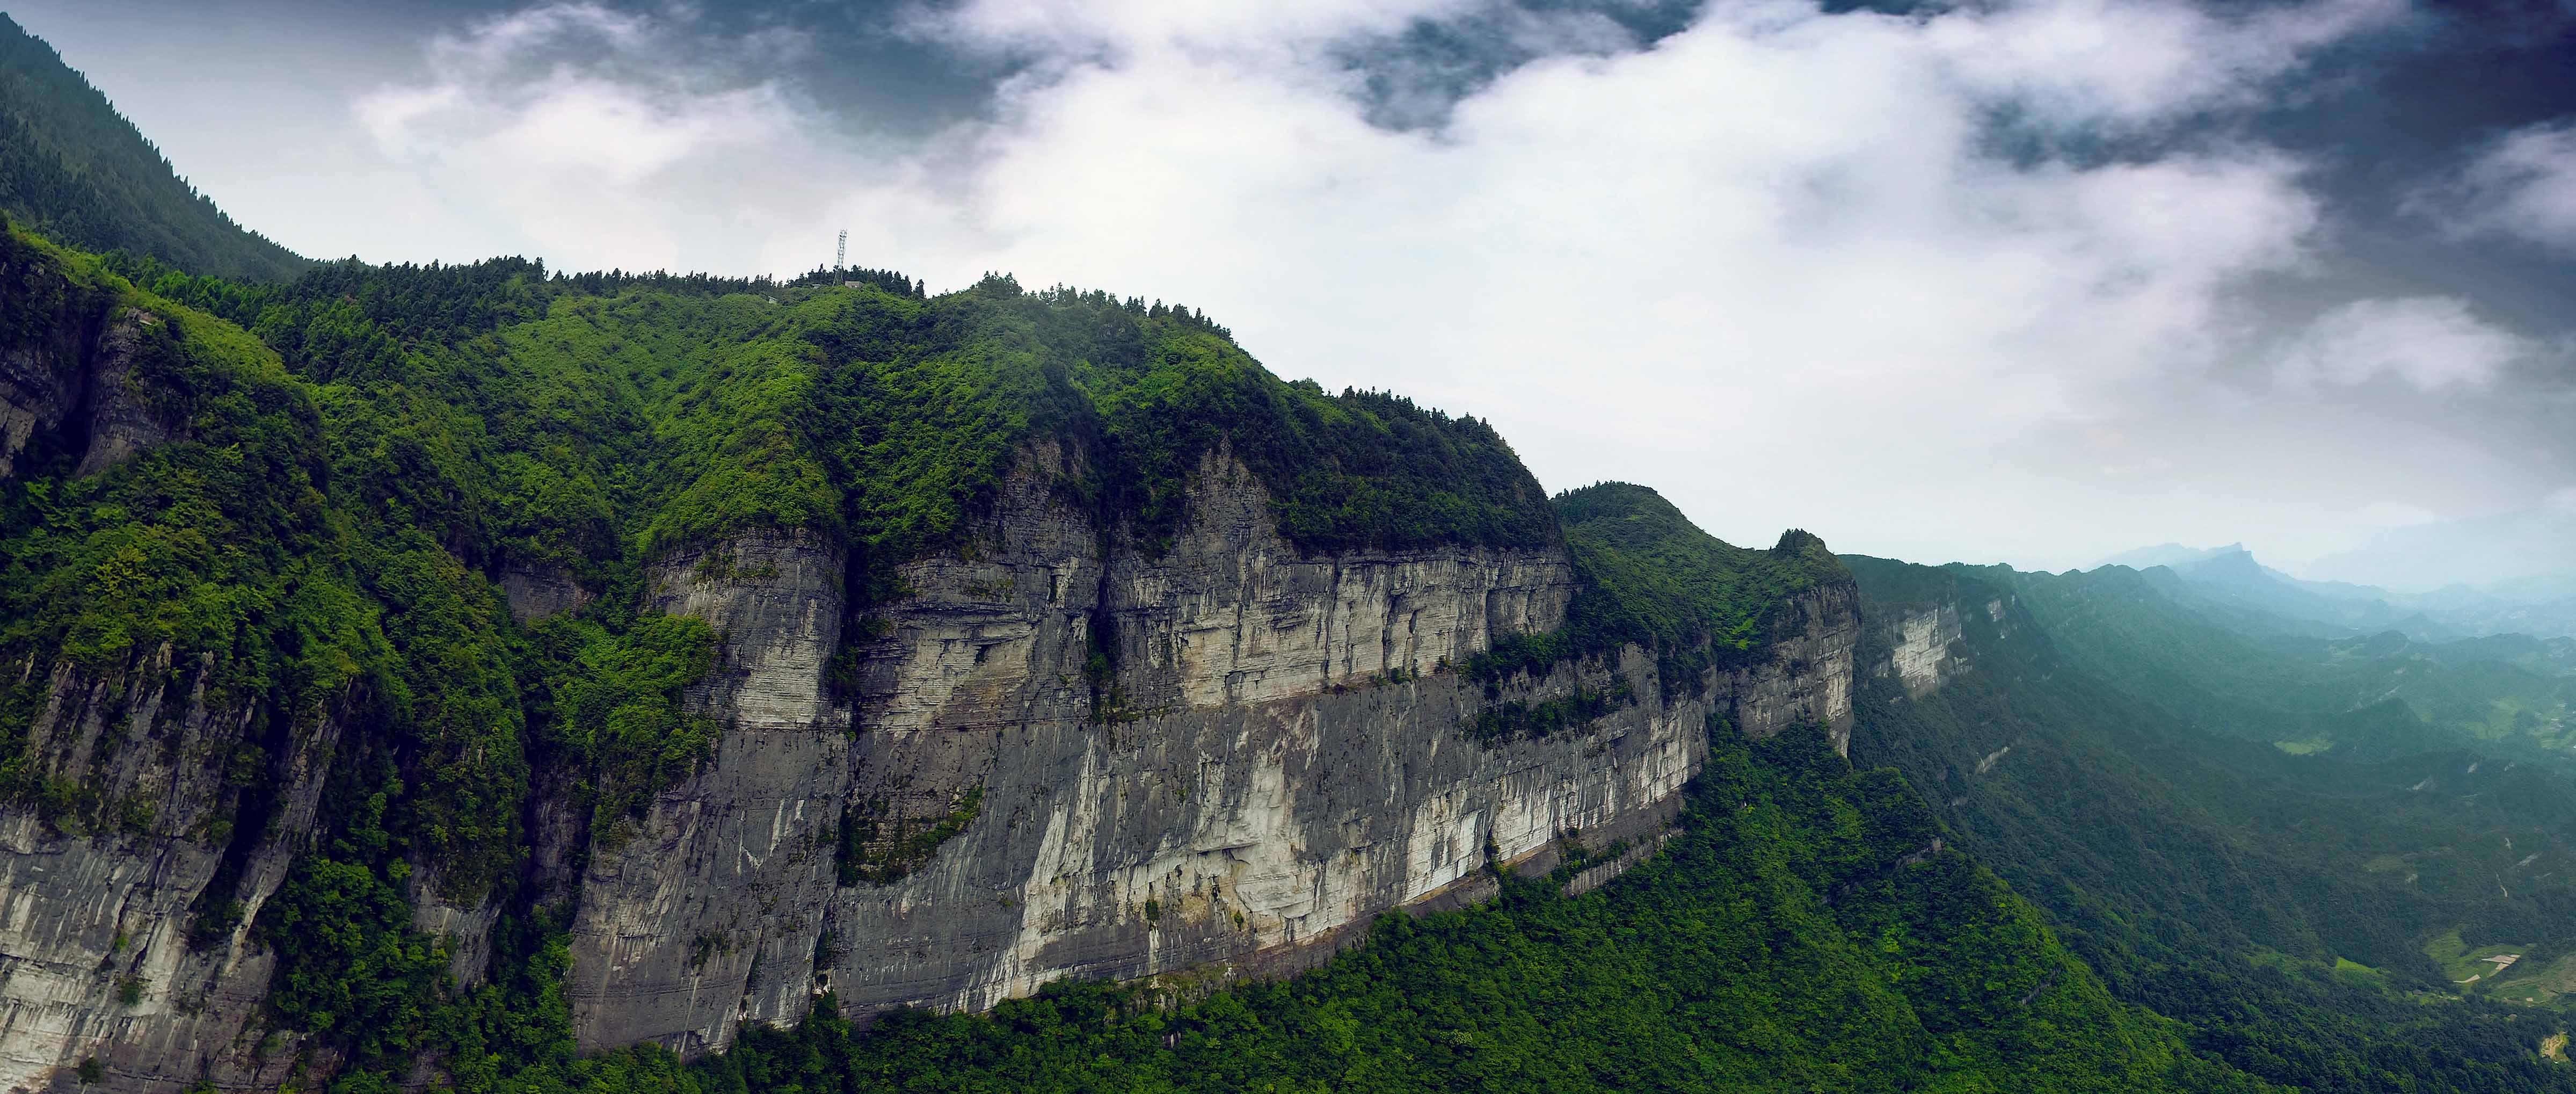 """重庆彭水县茂云山国家森林公园,属于彭水南部""""百里乌江画廊""""的中下段"""